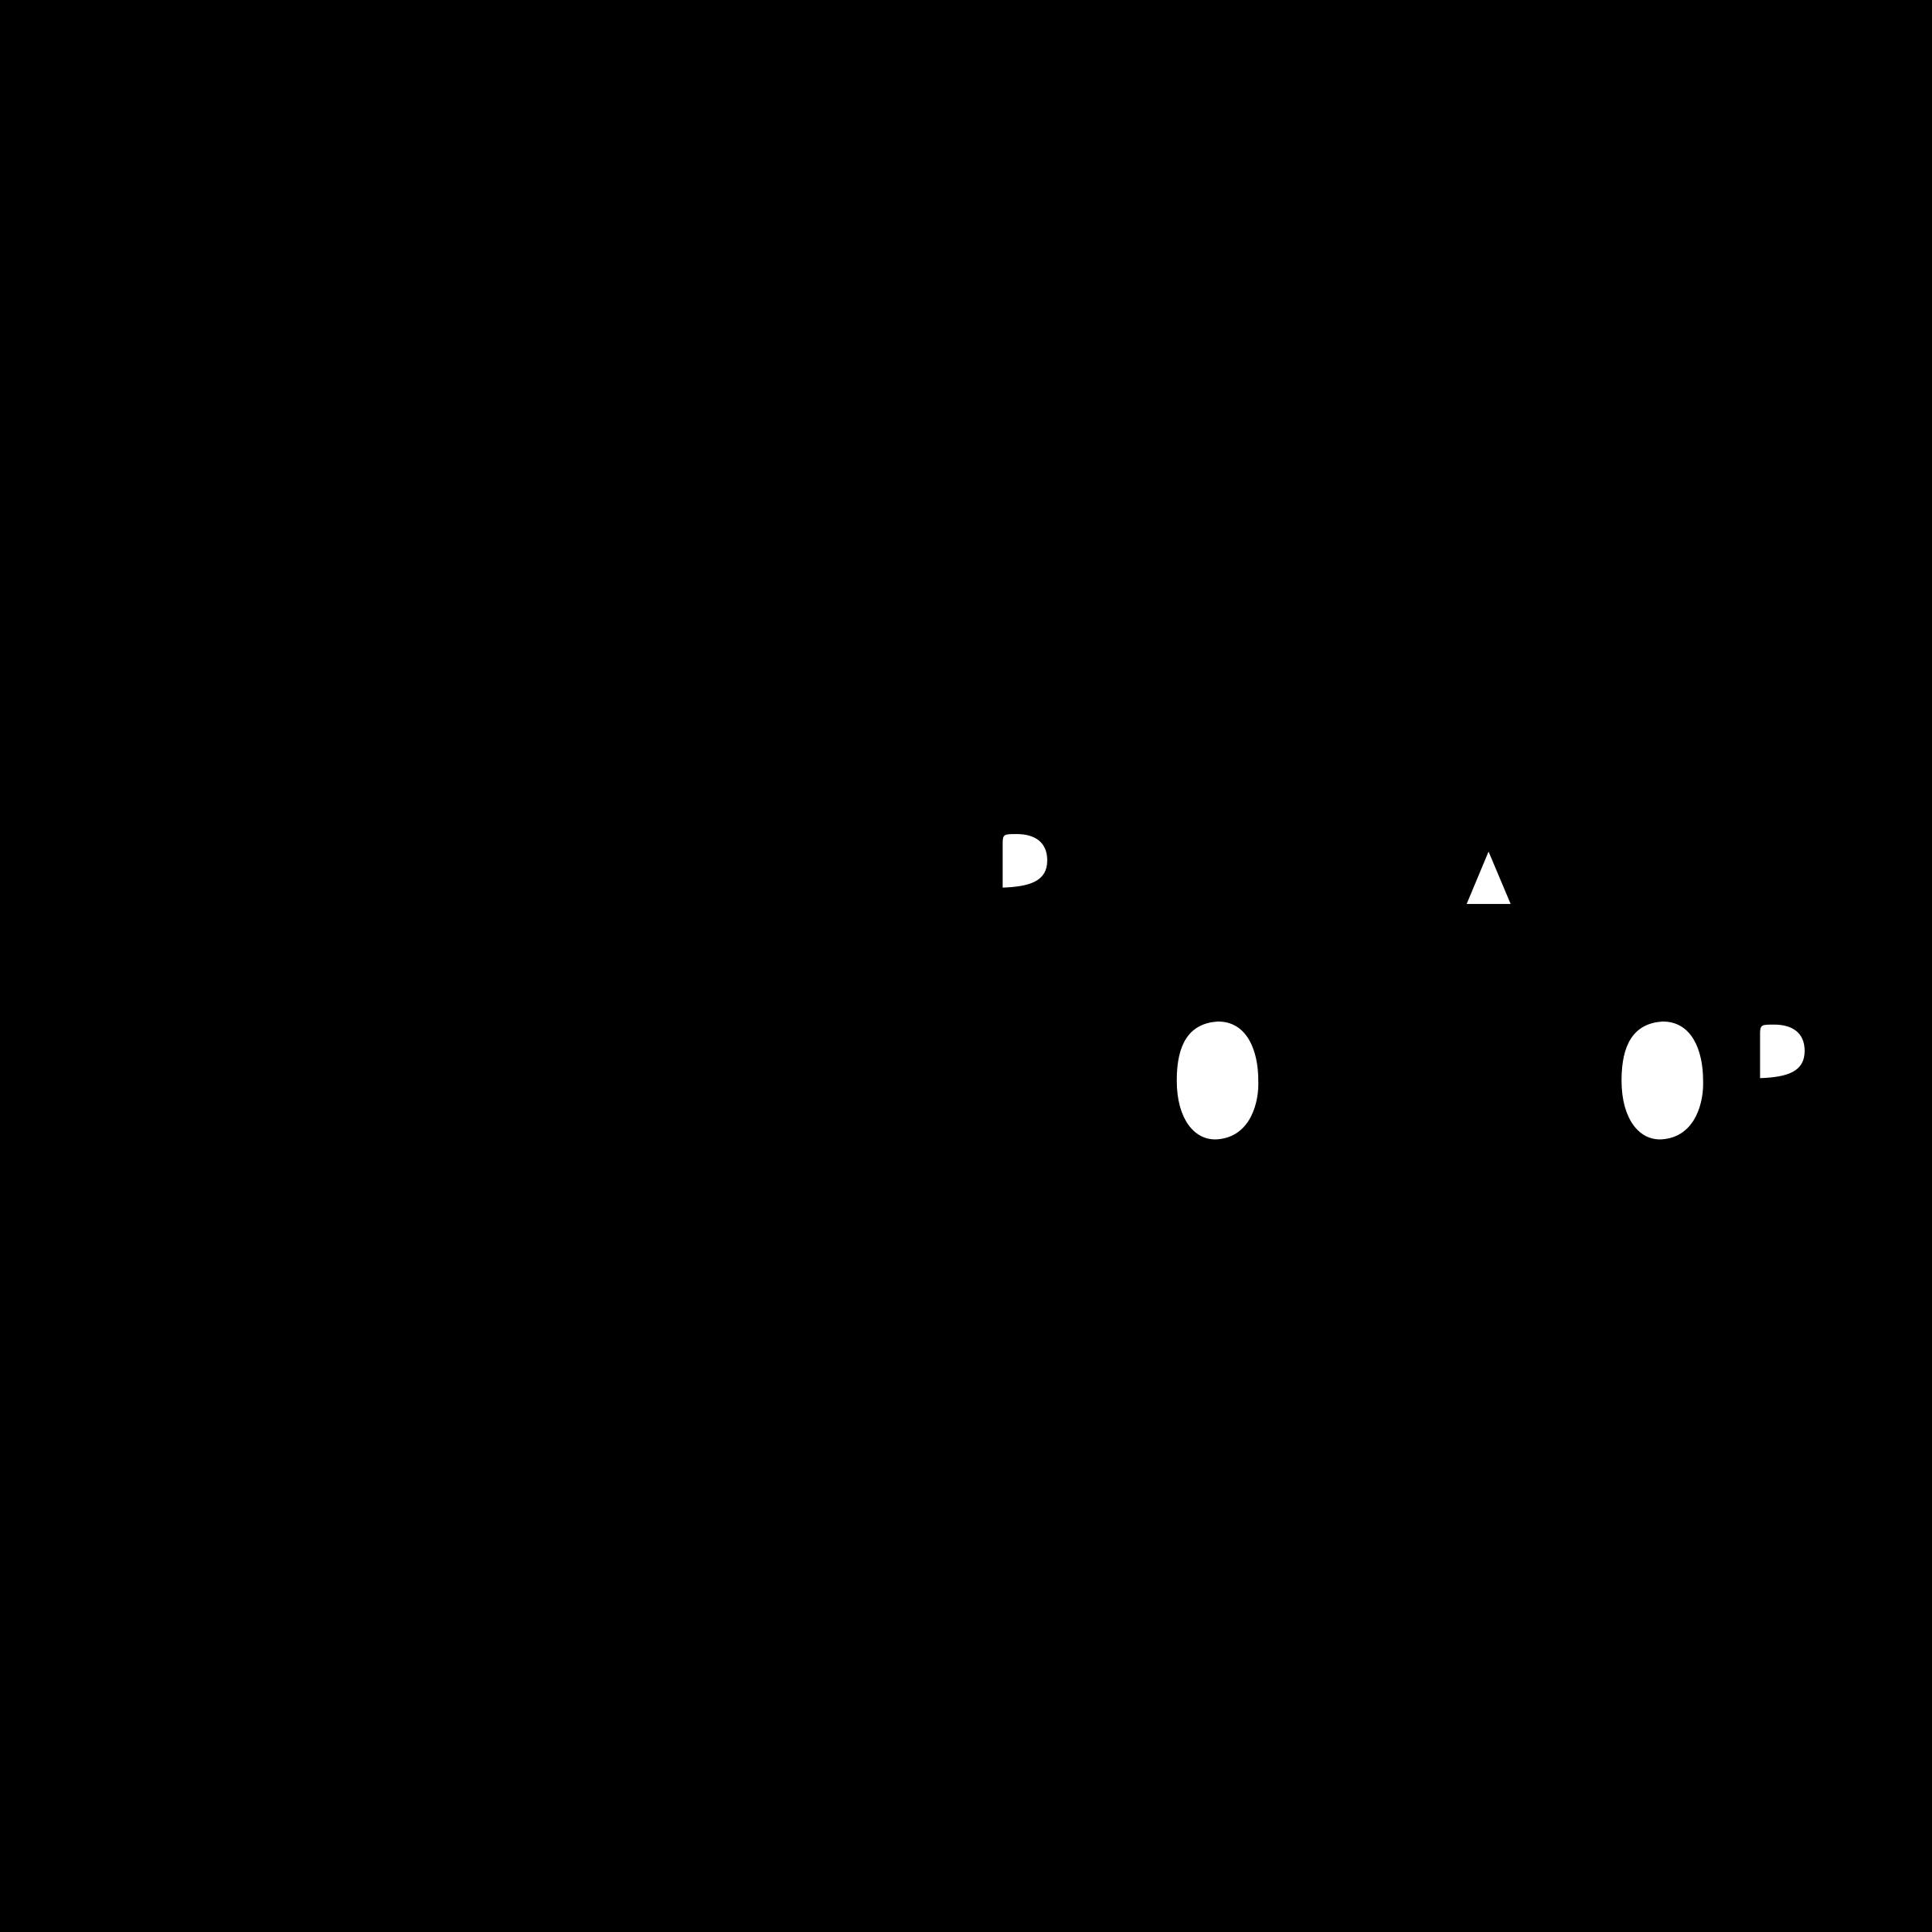 Denver 7 KMGH logo